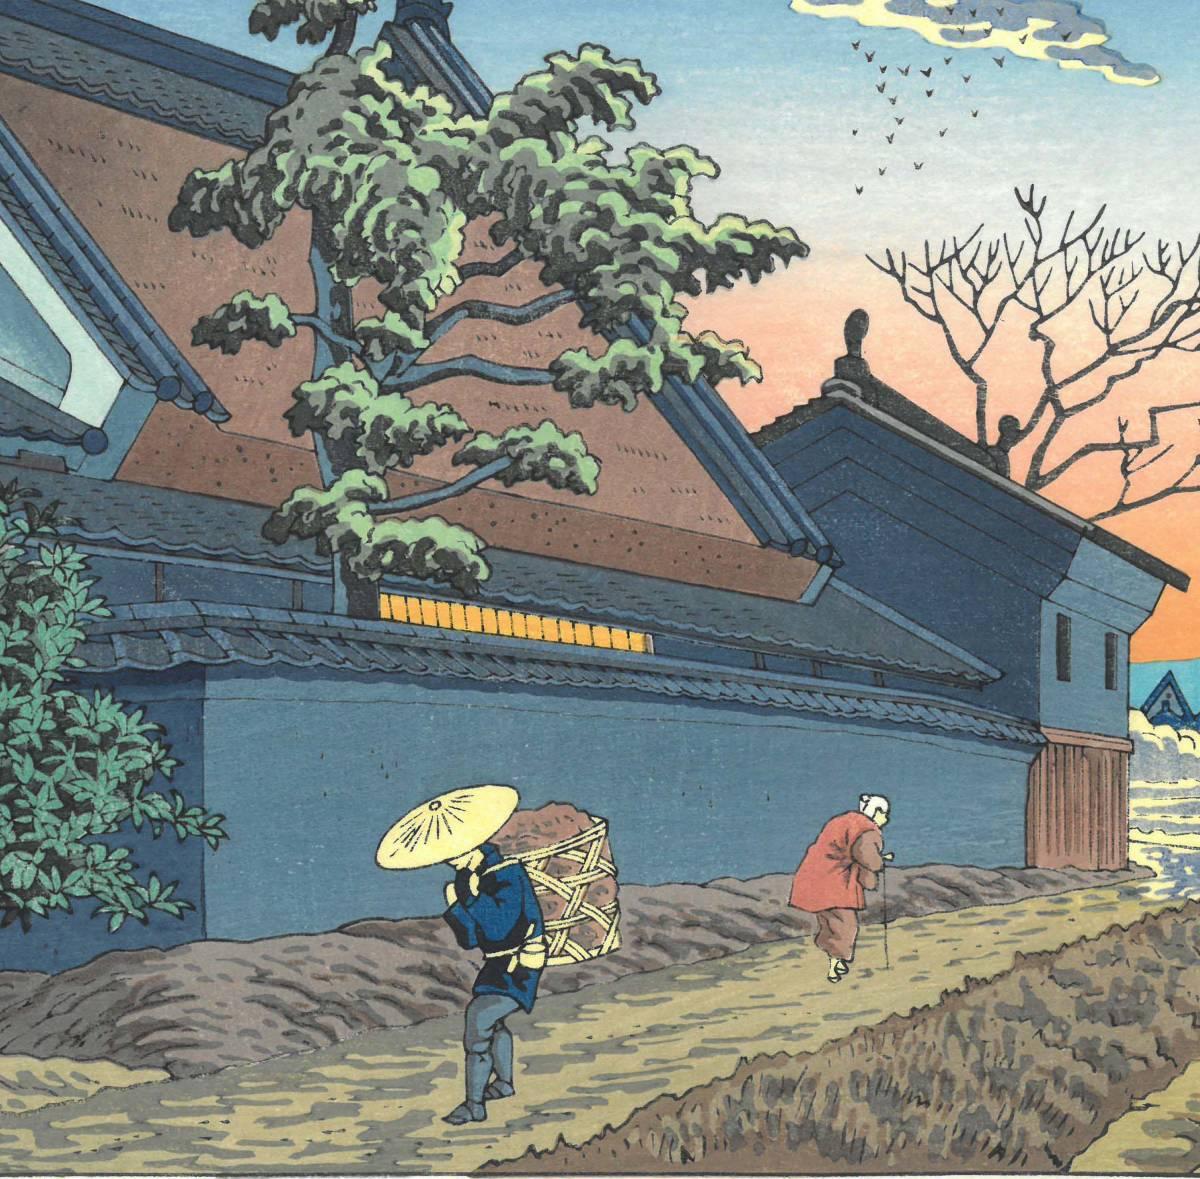 浅野竹二 (Asano Takeji) 木版画 TA20 大和路暮色 新版画 初版昭和20年頃 京都の一流の摺師の技をご堪能下さい!!_画像9